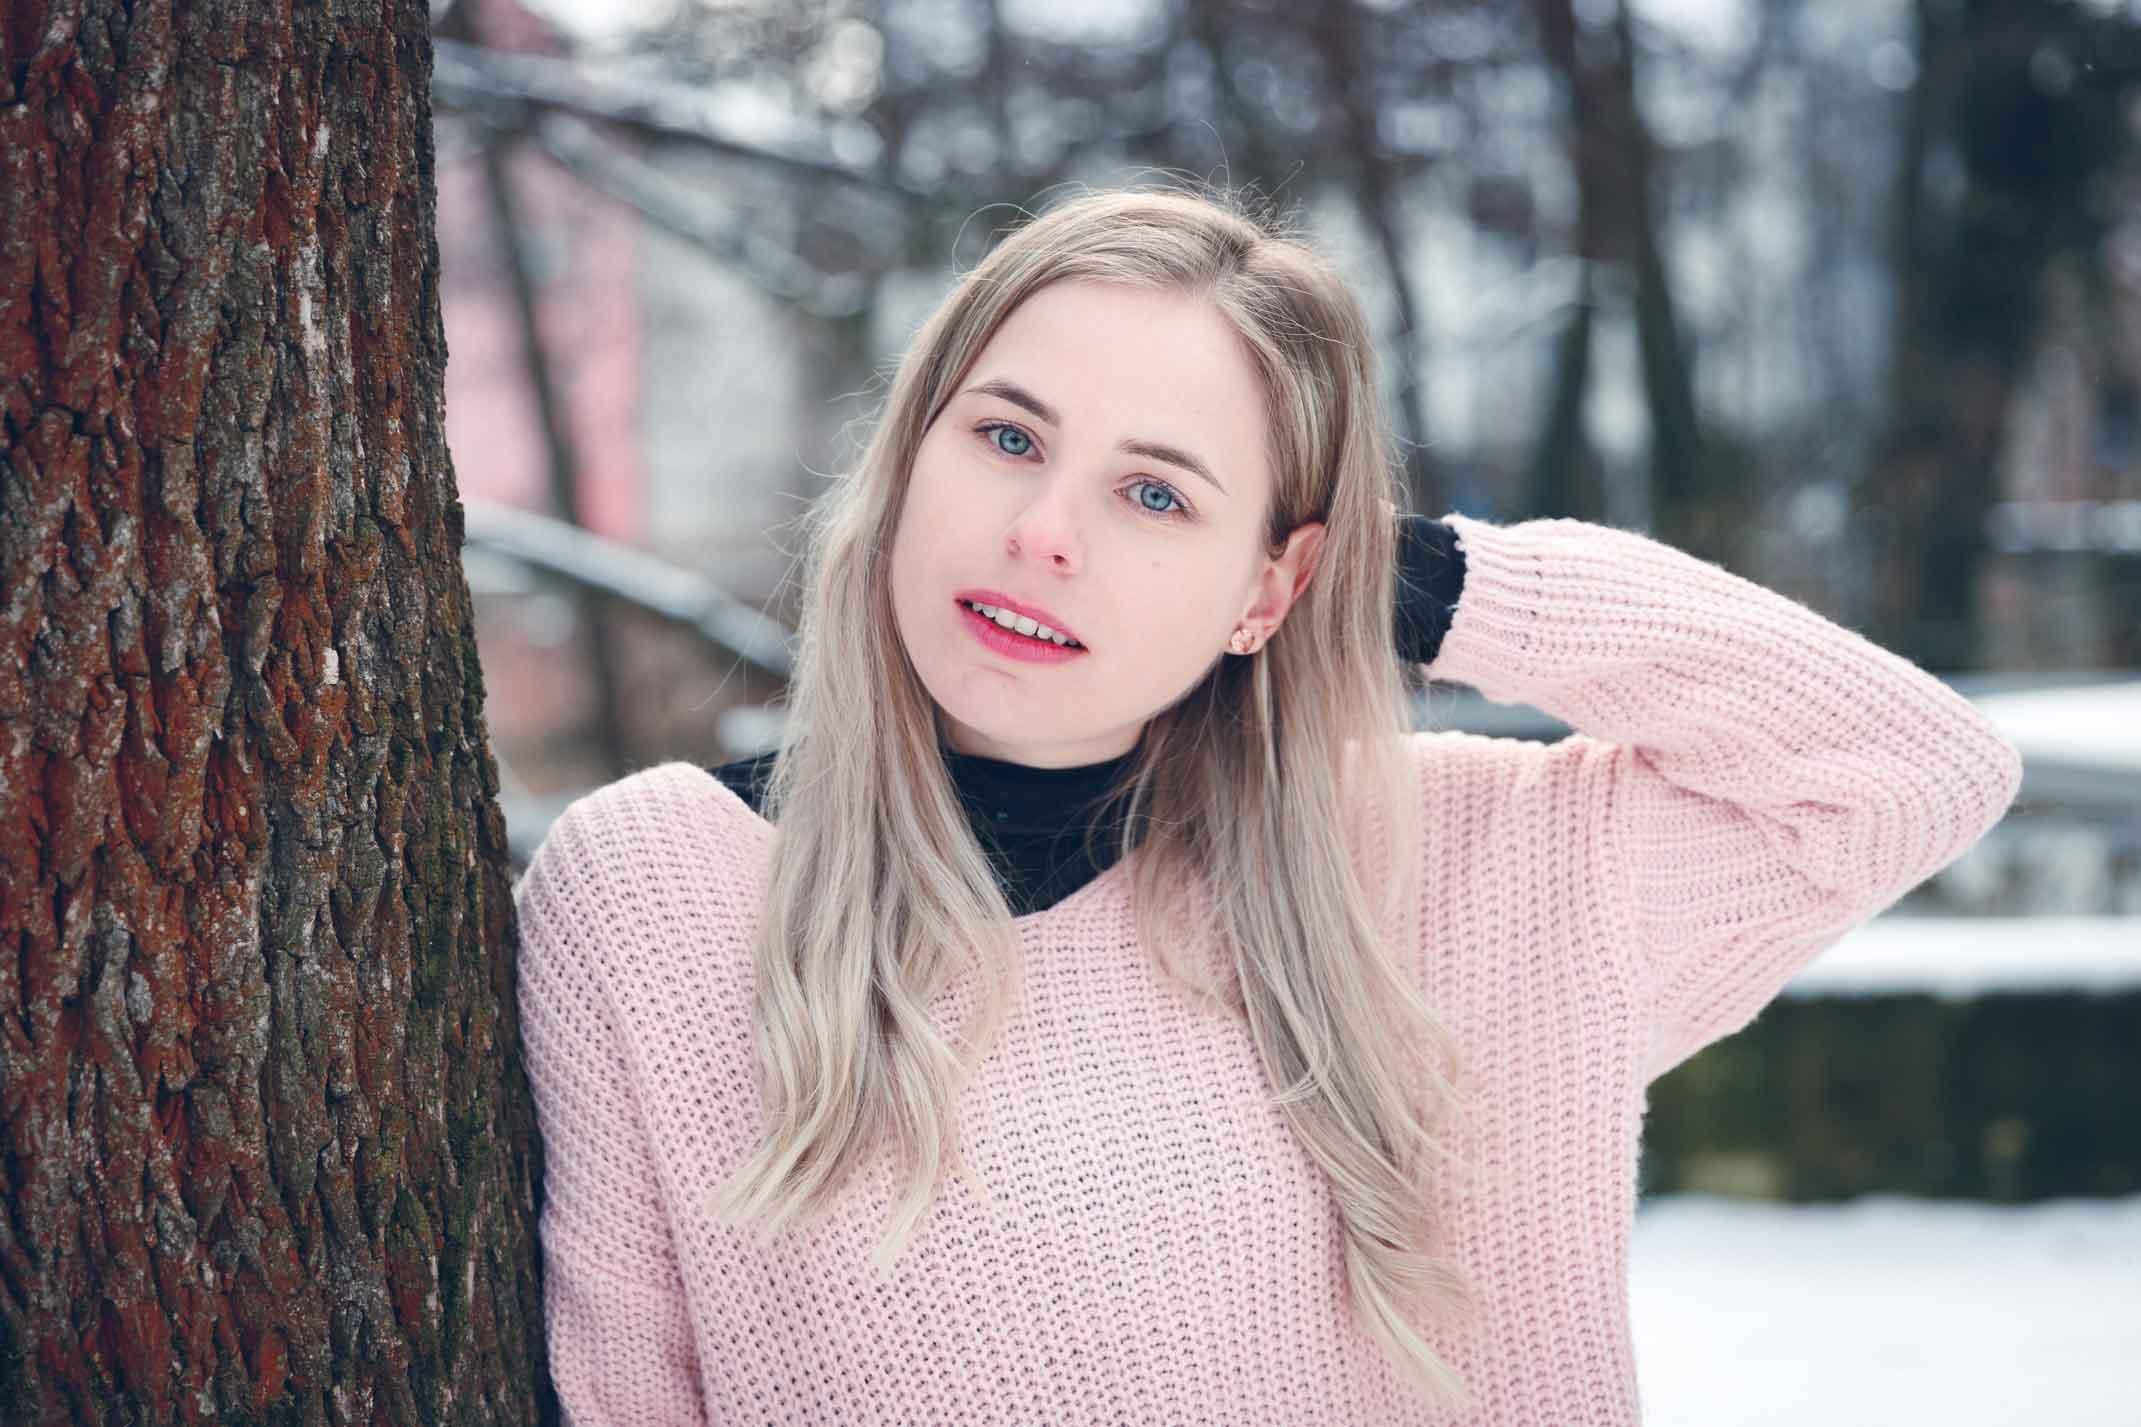 Winterliche Portraits bei Schnee und eisigen Temperaturen IMG 6537w